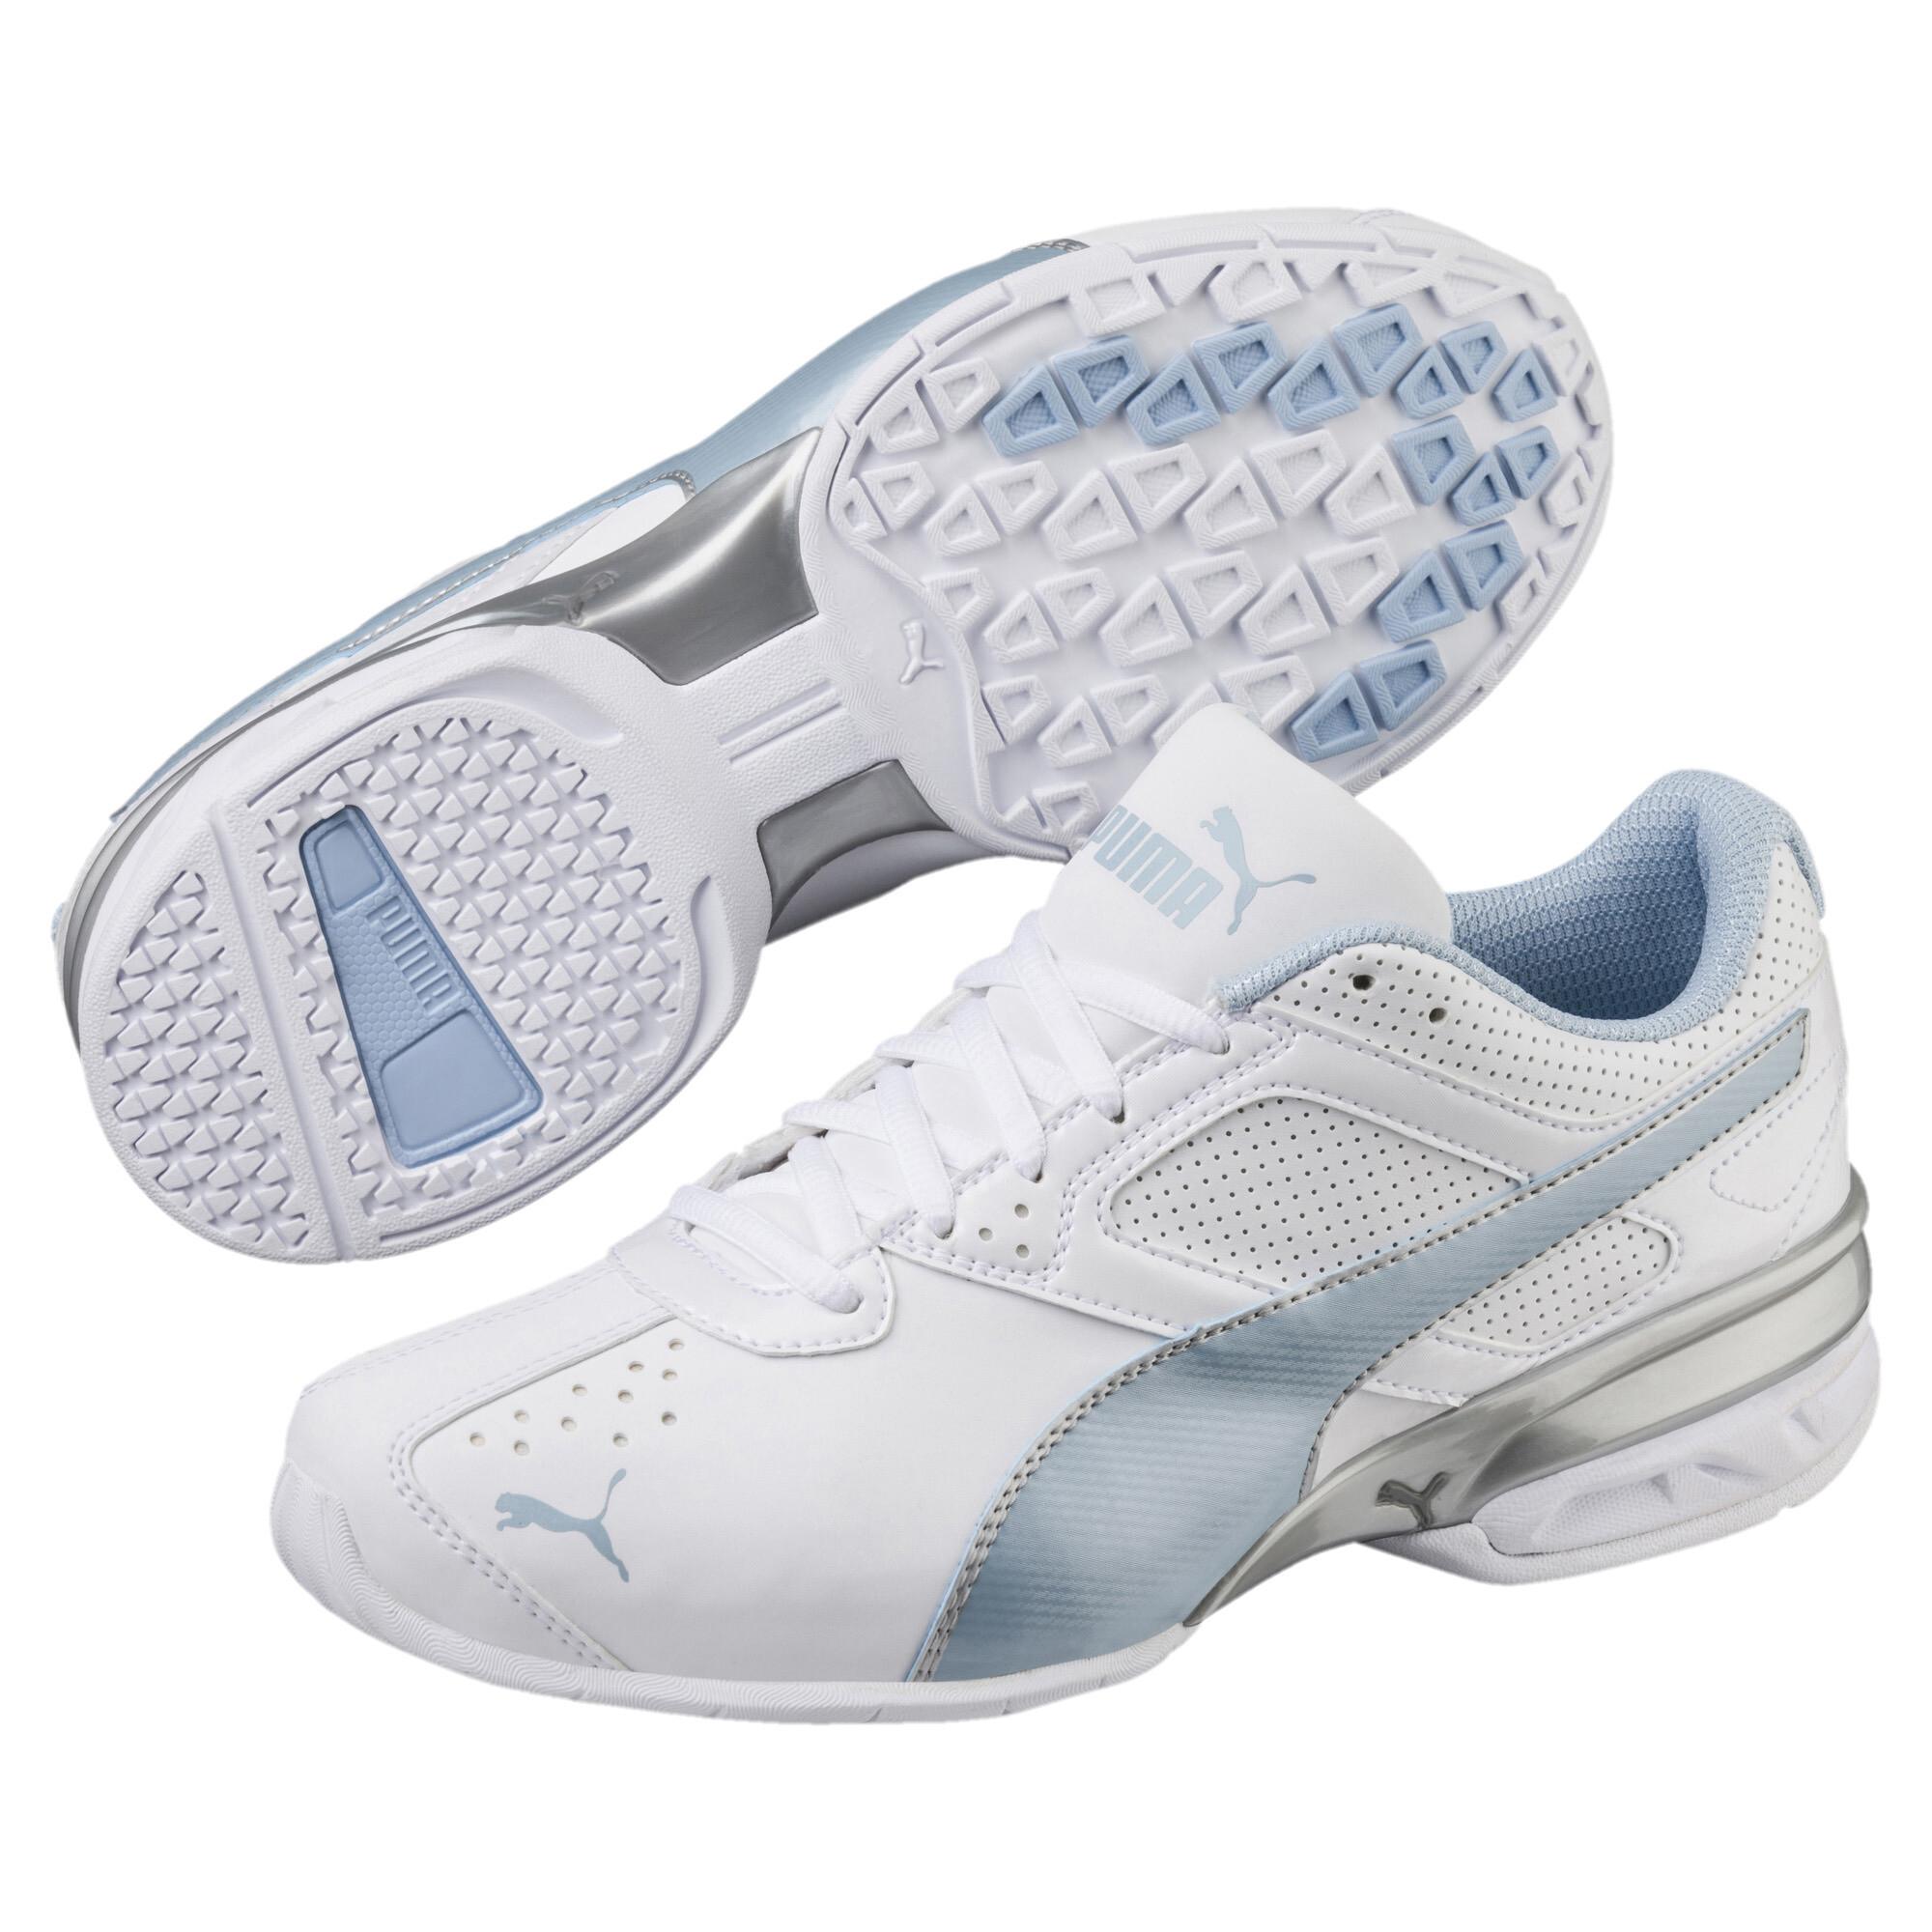 PUMA-Tazon-6-FM-Women-039-s-Sneakers-Women-Shoe-Running thumbnail 24